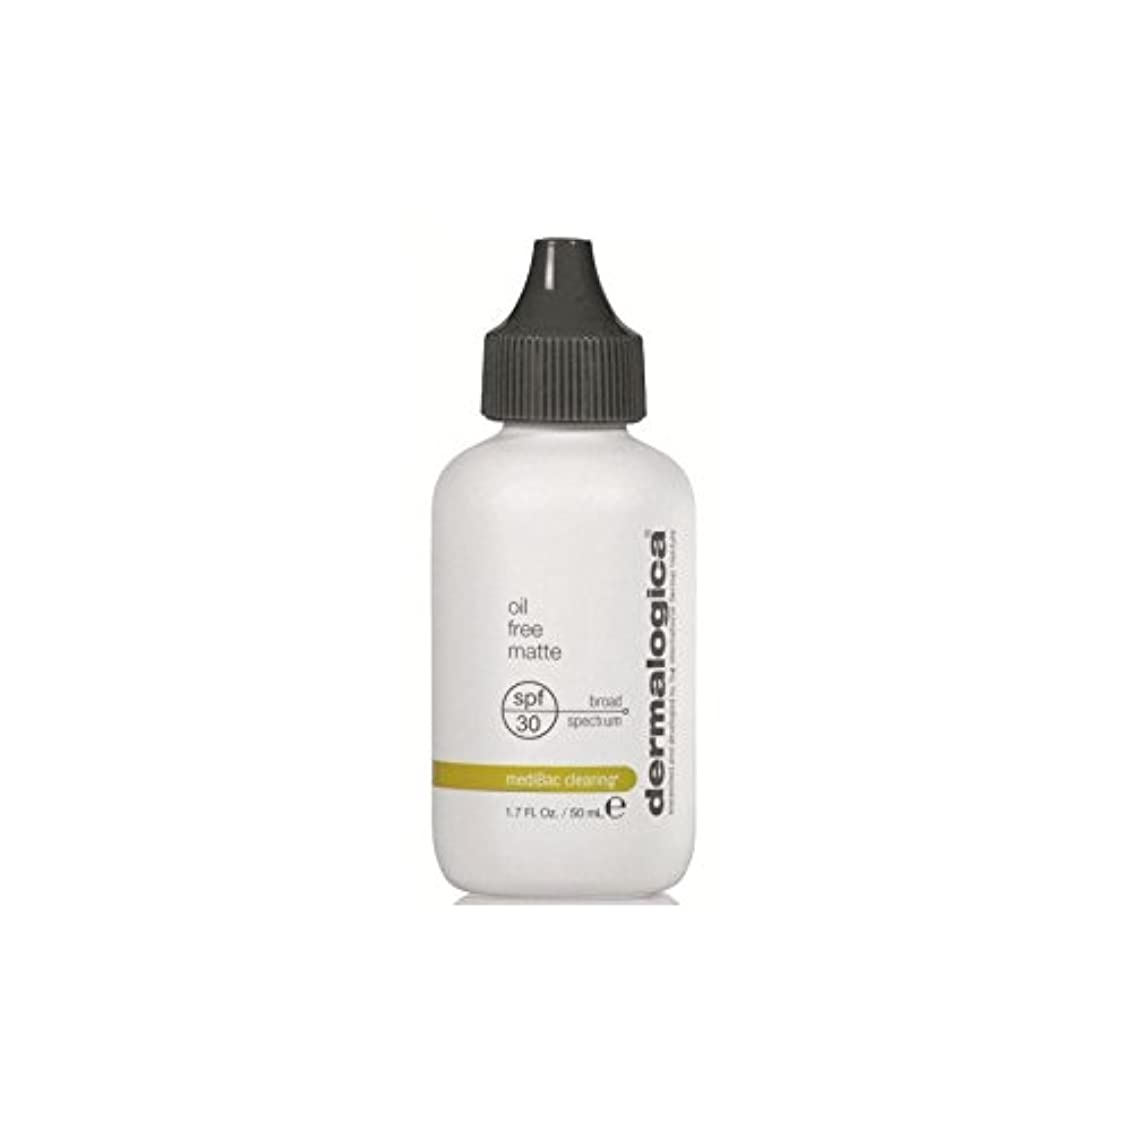 同性愛者チャンバーロードブロッキングダーマロジカオイルフリーマット 30 x4 - Dermalogica Oil-Free Matte Spf 30 (Pack of 4) [並行輸入品]